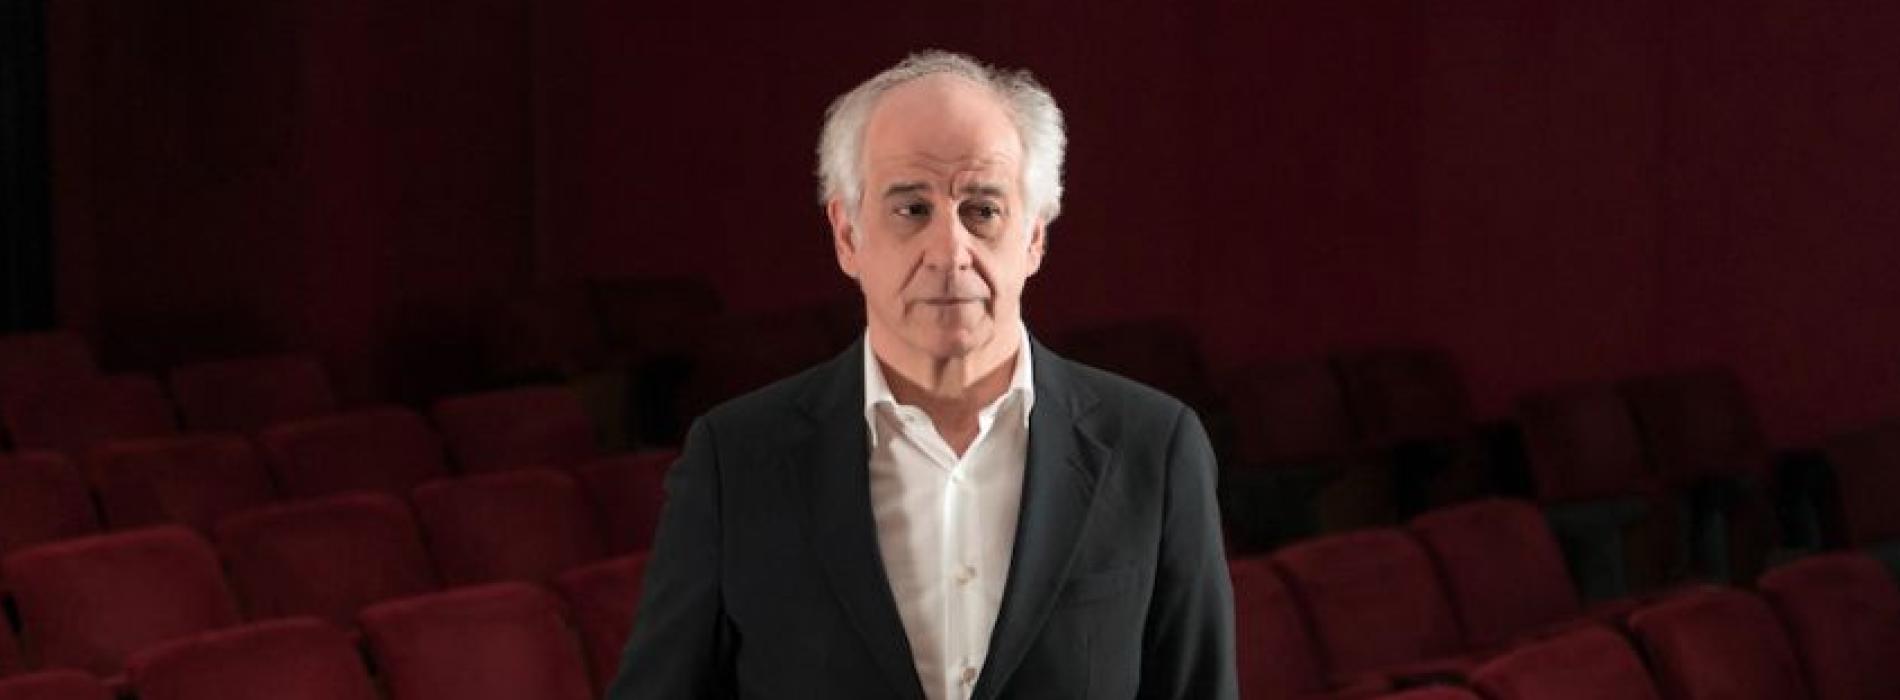 Rassegna. Toni Servillo protagonista al Napoli Film Festival